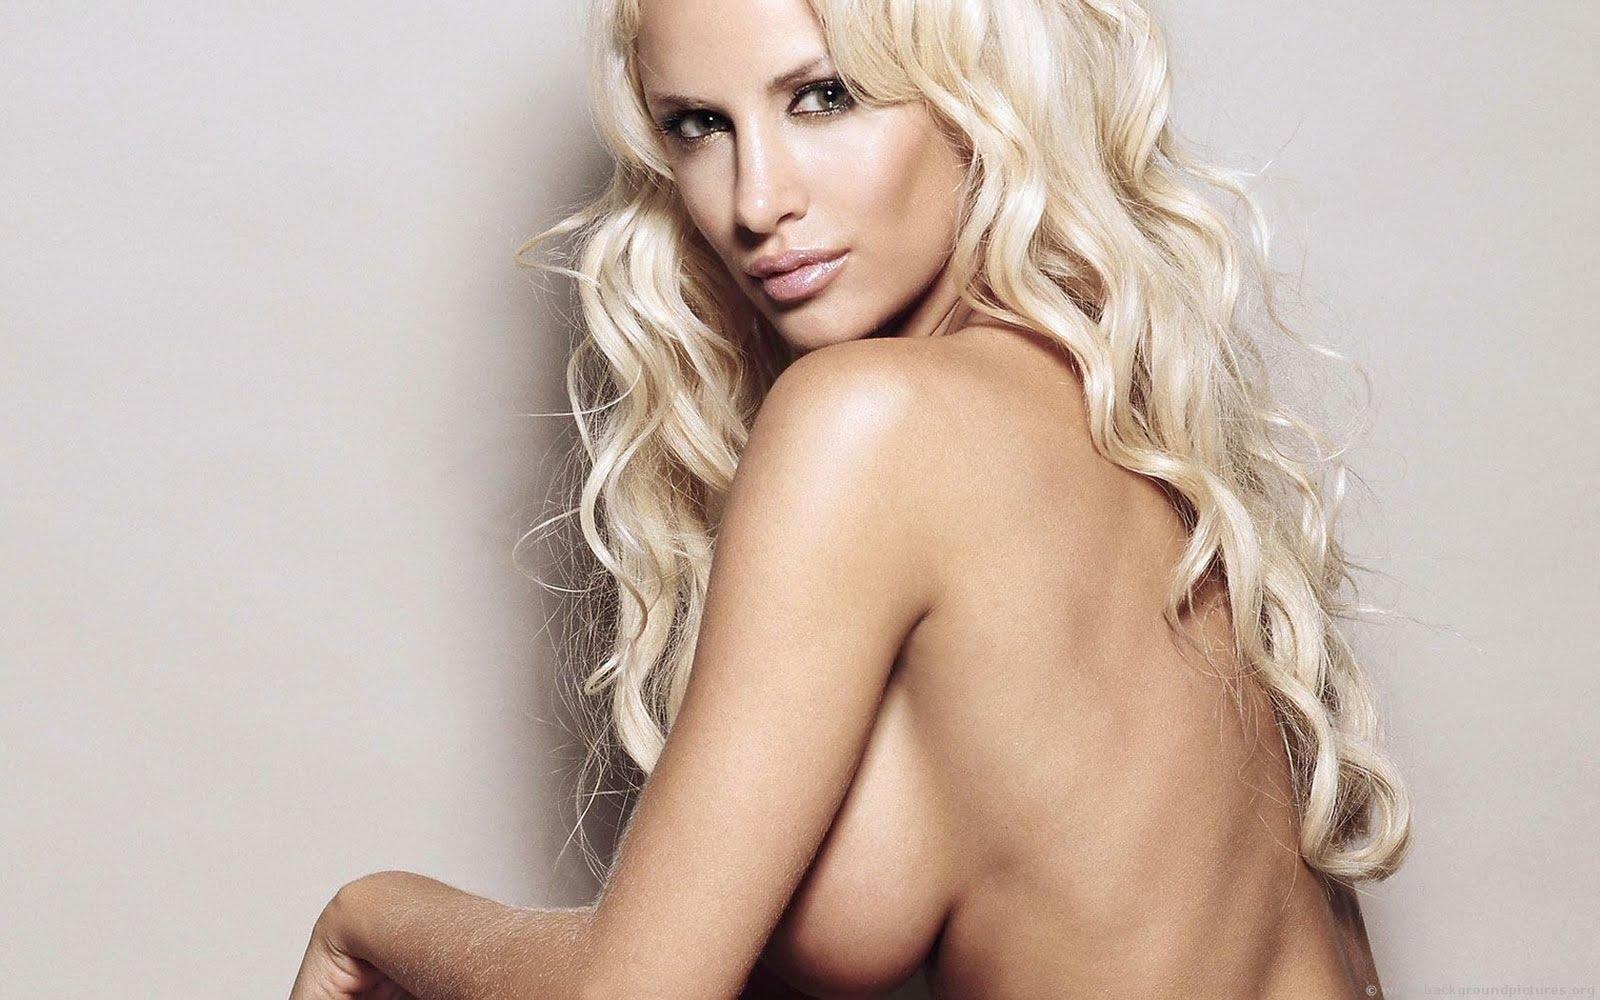 http://3.bp.blogspot.com/_Sxh0usZ8xvs/THGLdzZcviI/AAAAAAAAA2I/XW6aILnH_BM/s1600/luciana_salazar.jpg